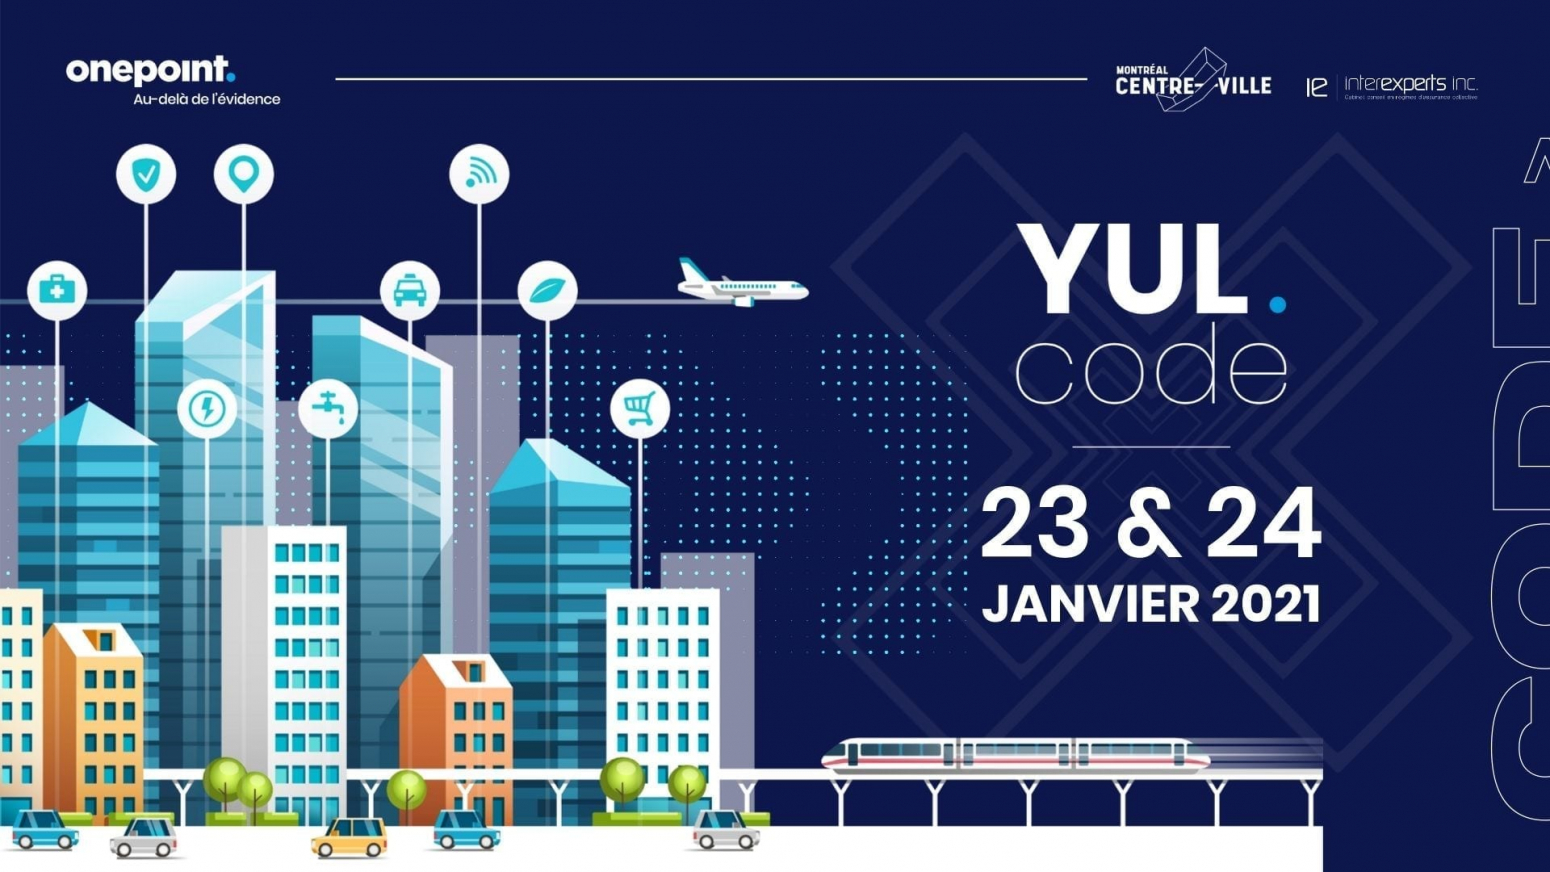 Visuel de la promotion du YUL.code qui est une compétition de style « hackathon » créé et organisée par onepoint. Elle vise à offrir une opportunité unique aux étudiants et finissants du Québec d'apprendre et de s'amuser.